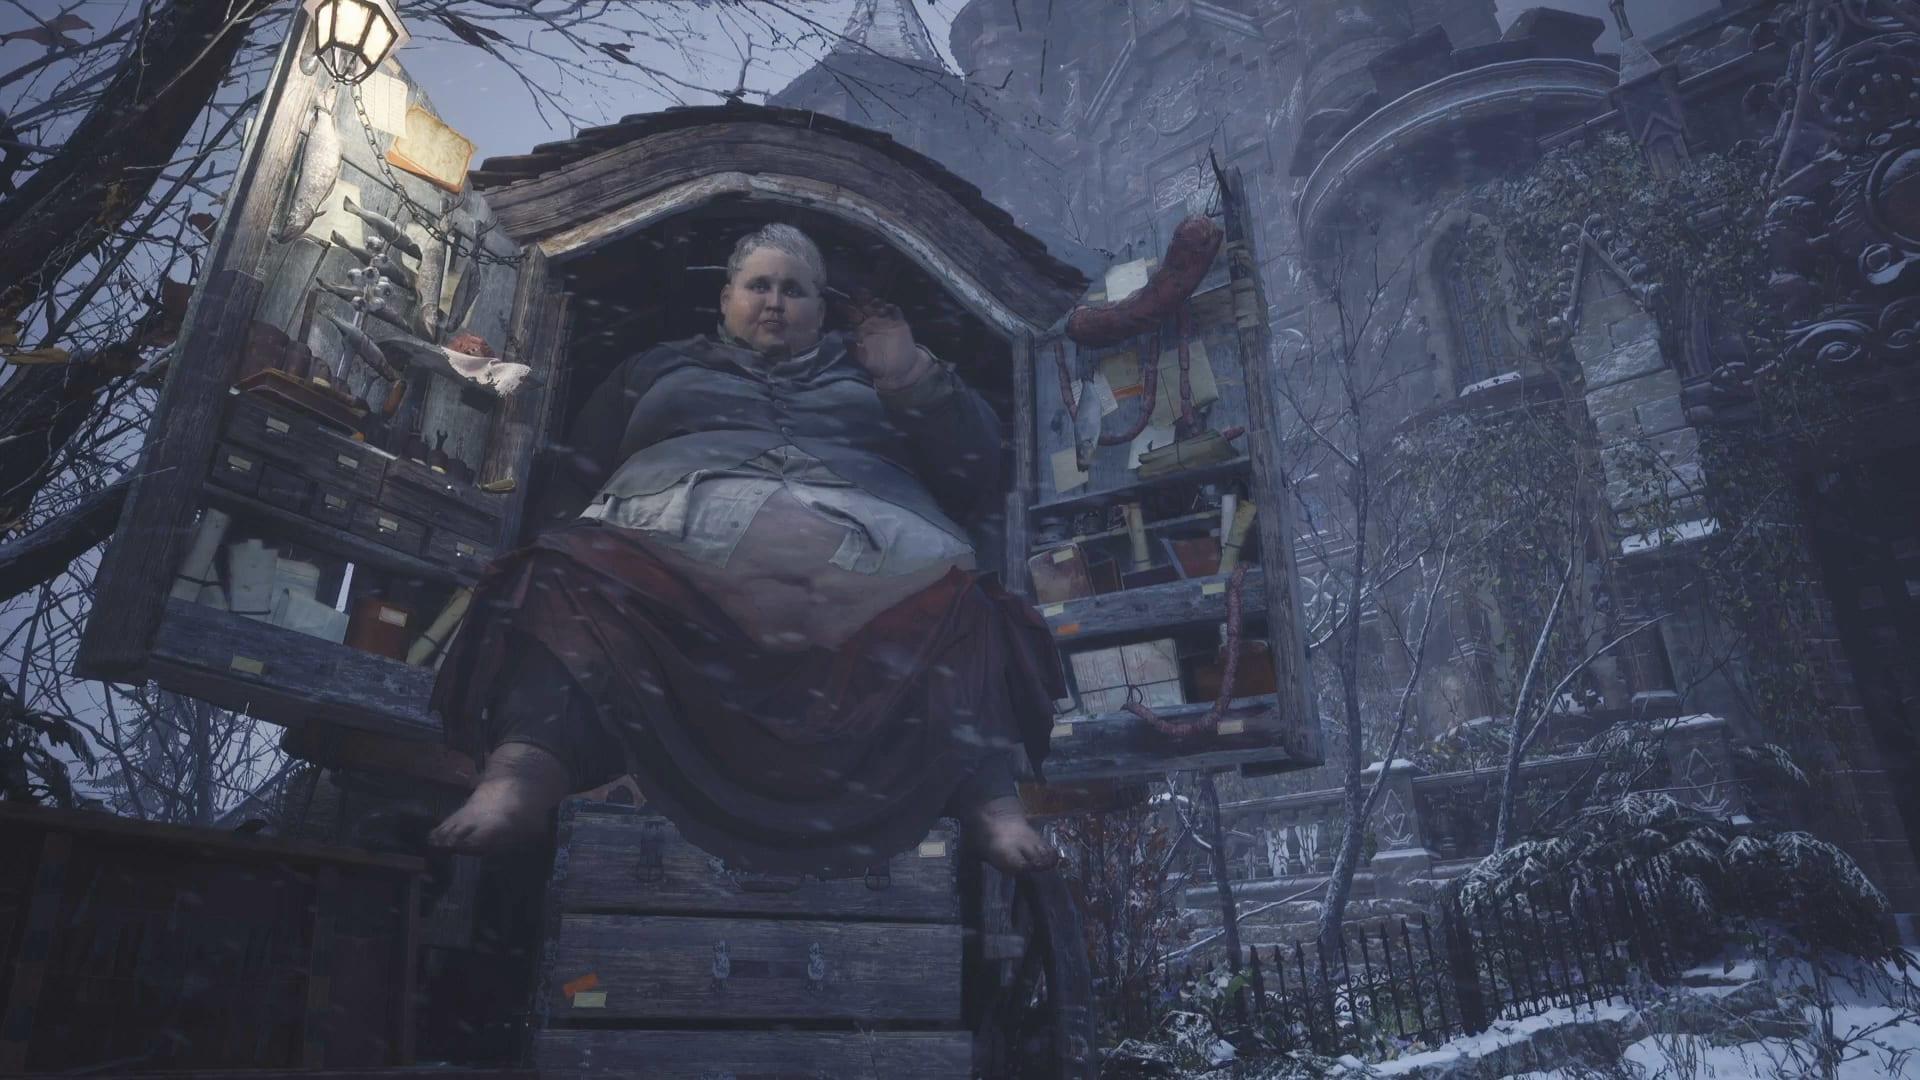 Duke - Resident Evil 8